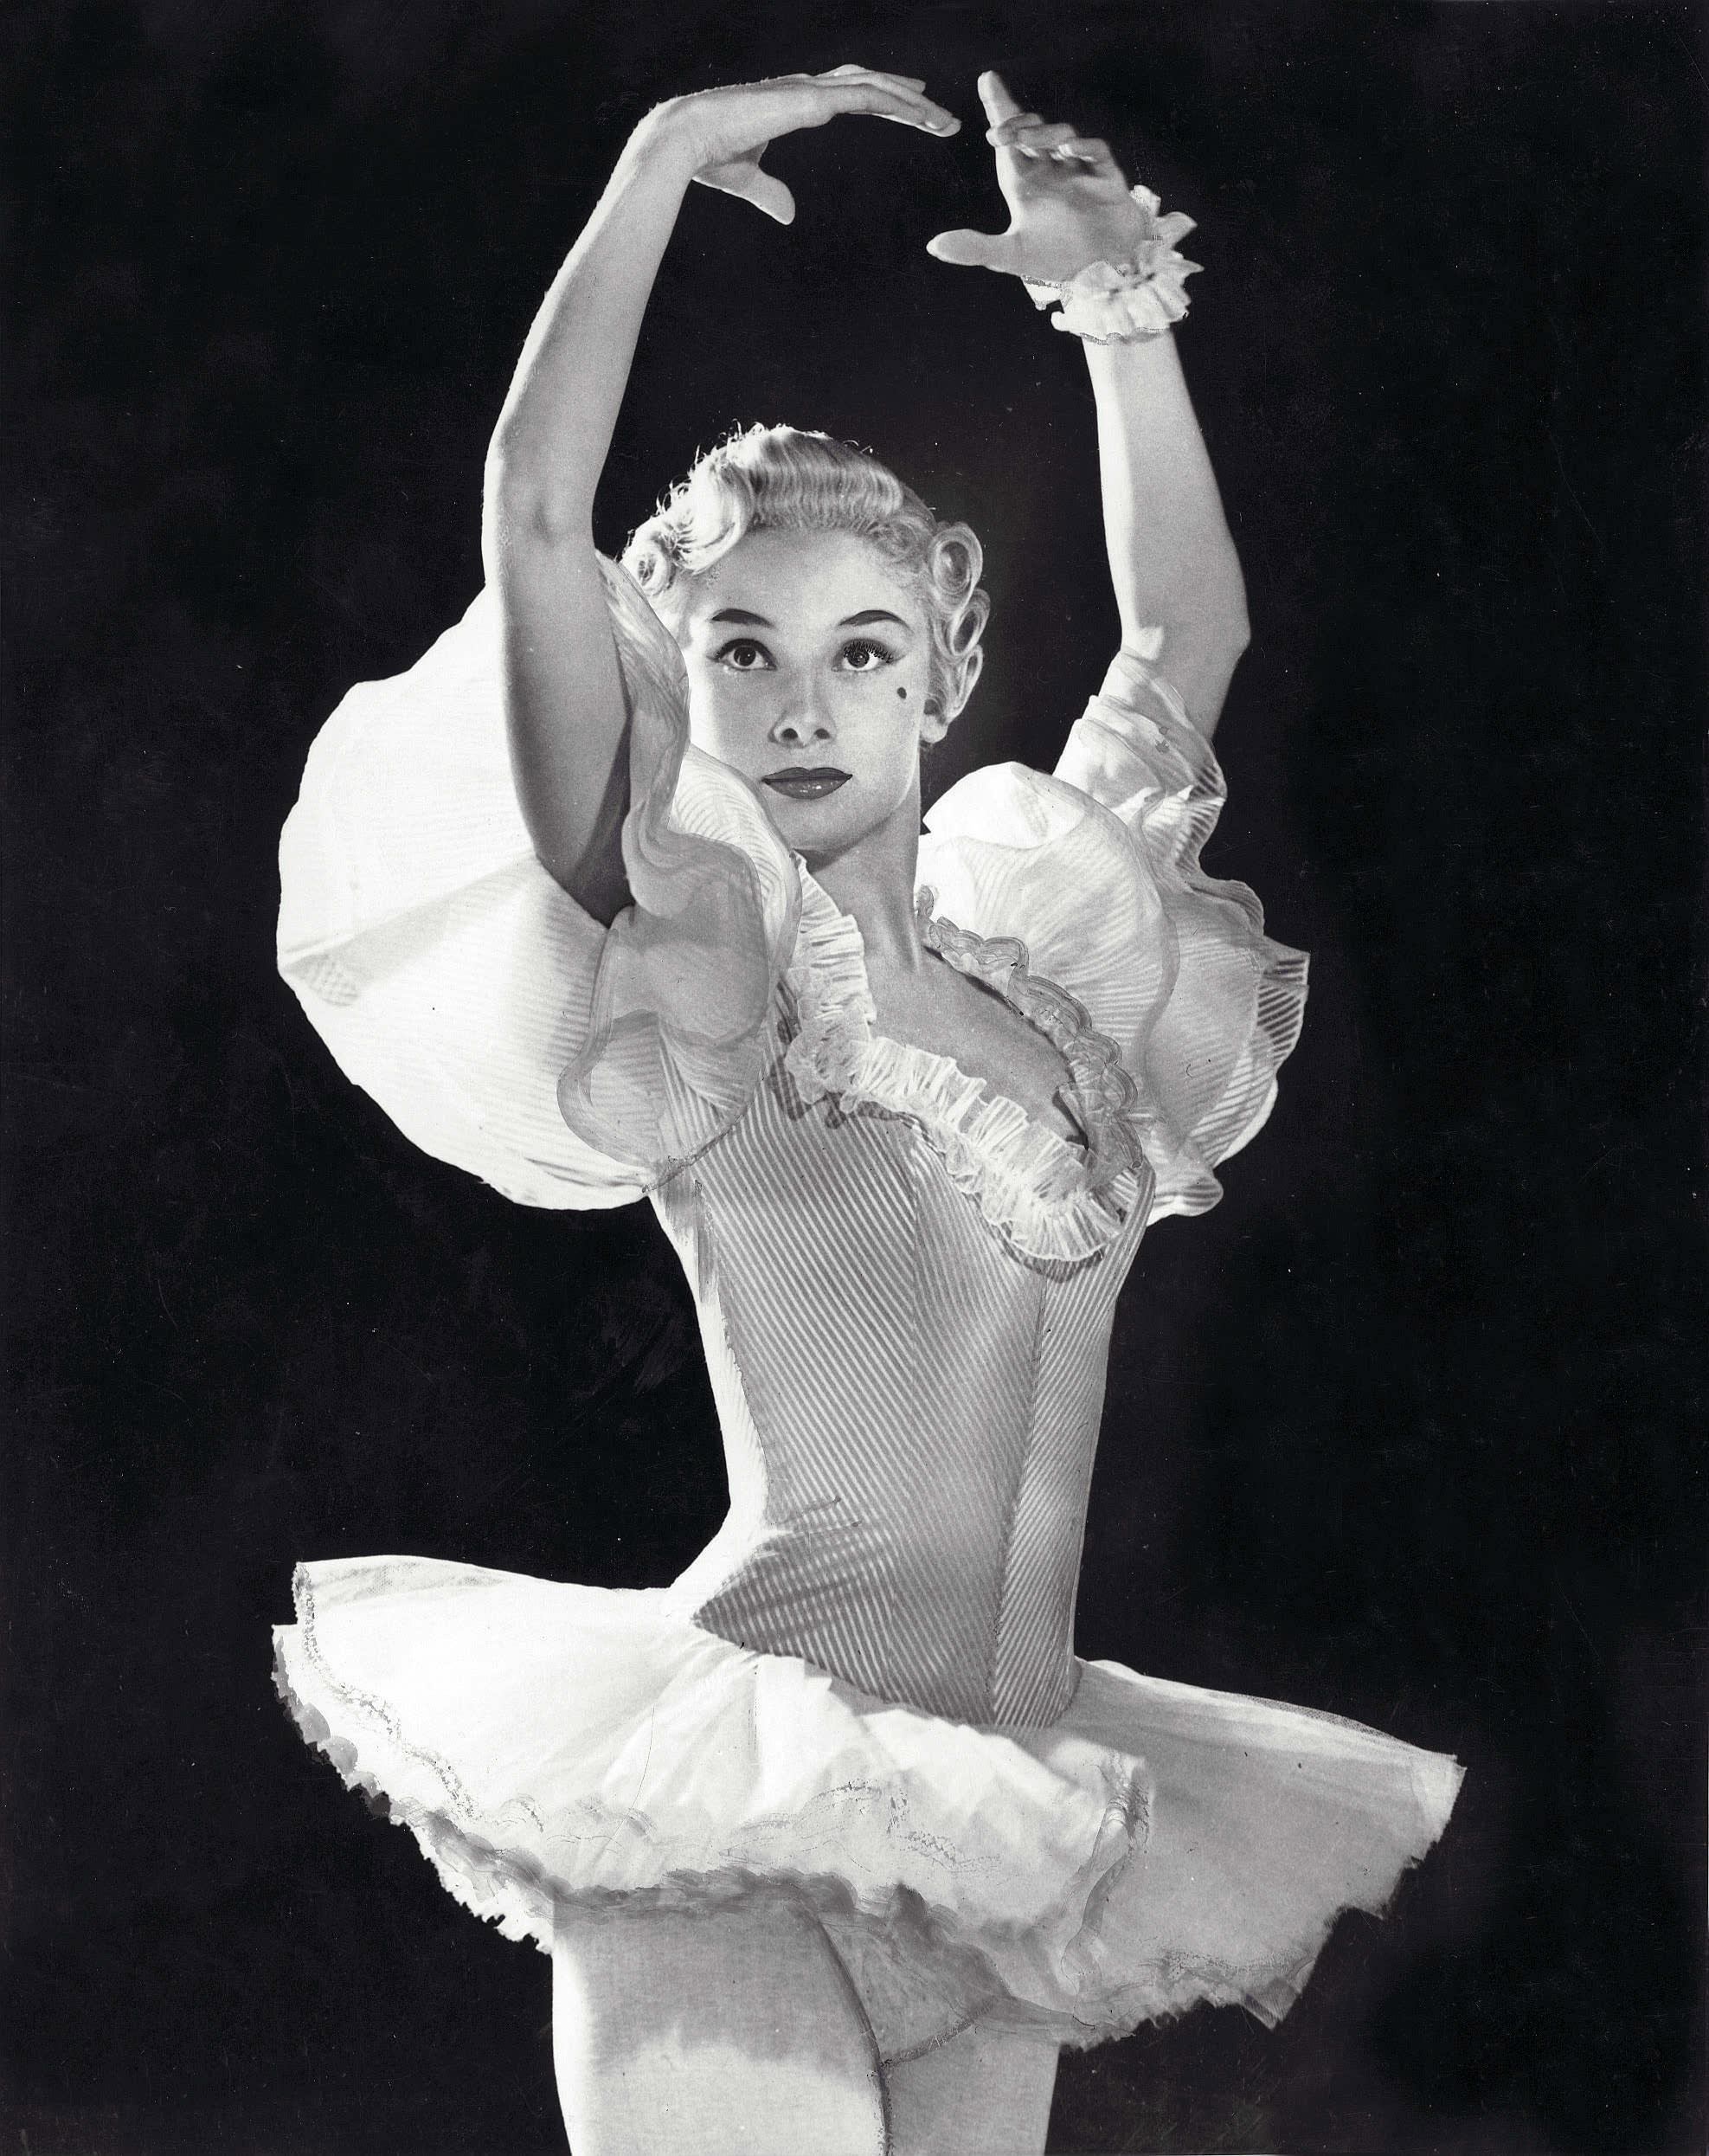 83319_audrey_ballet_dancer_1__122_802lo.jpg